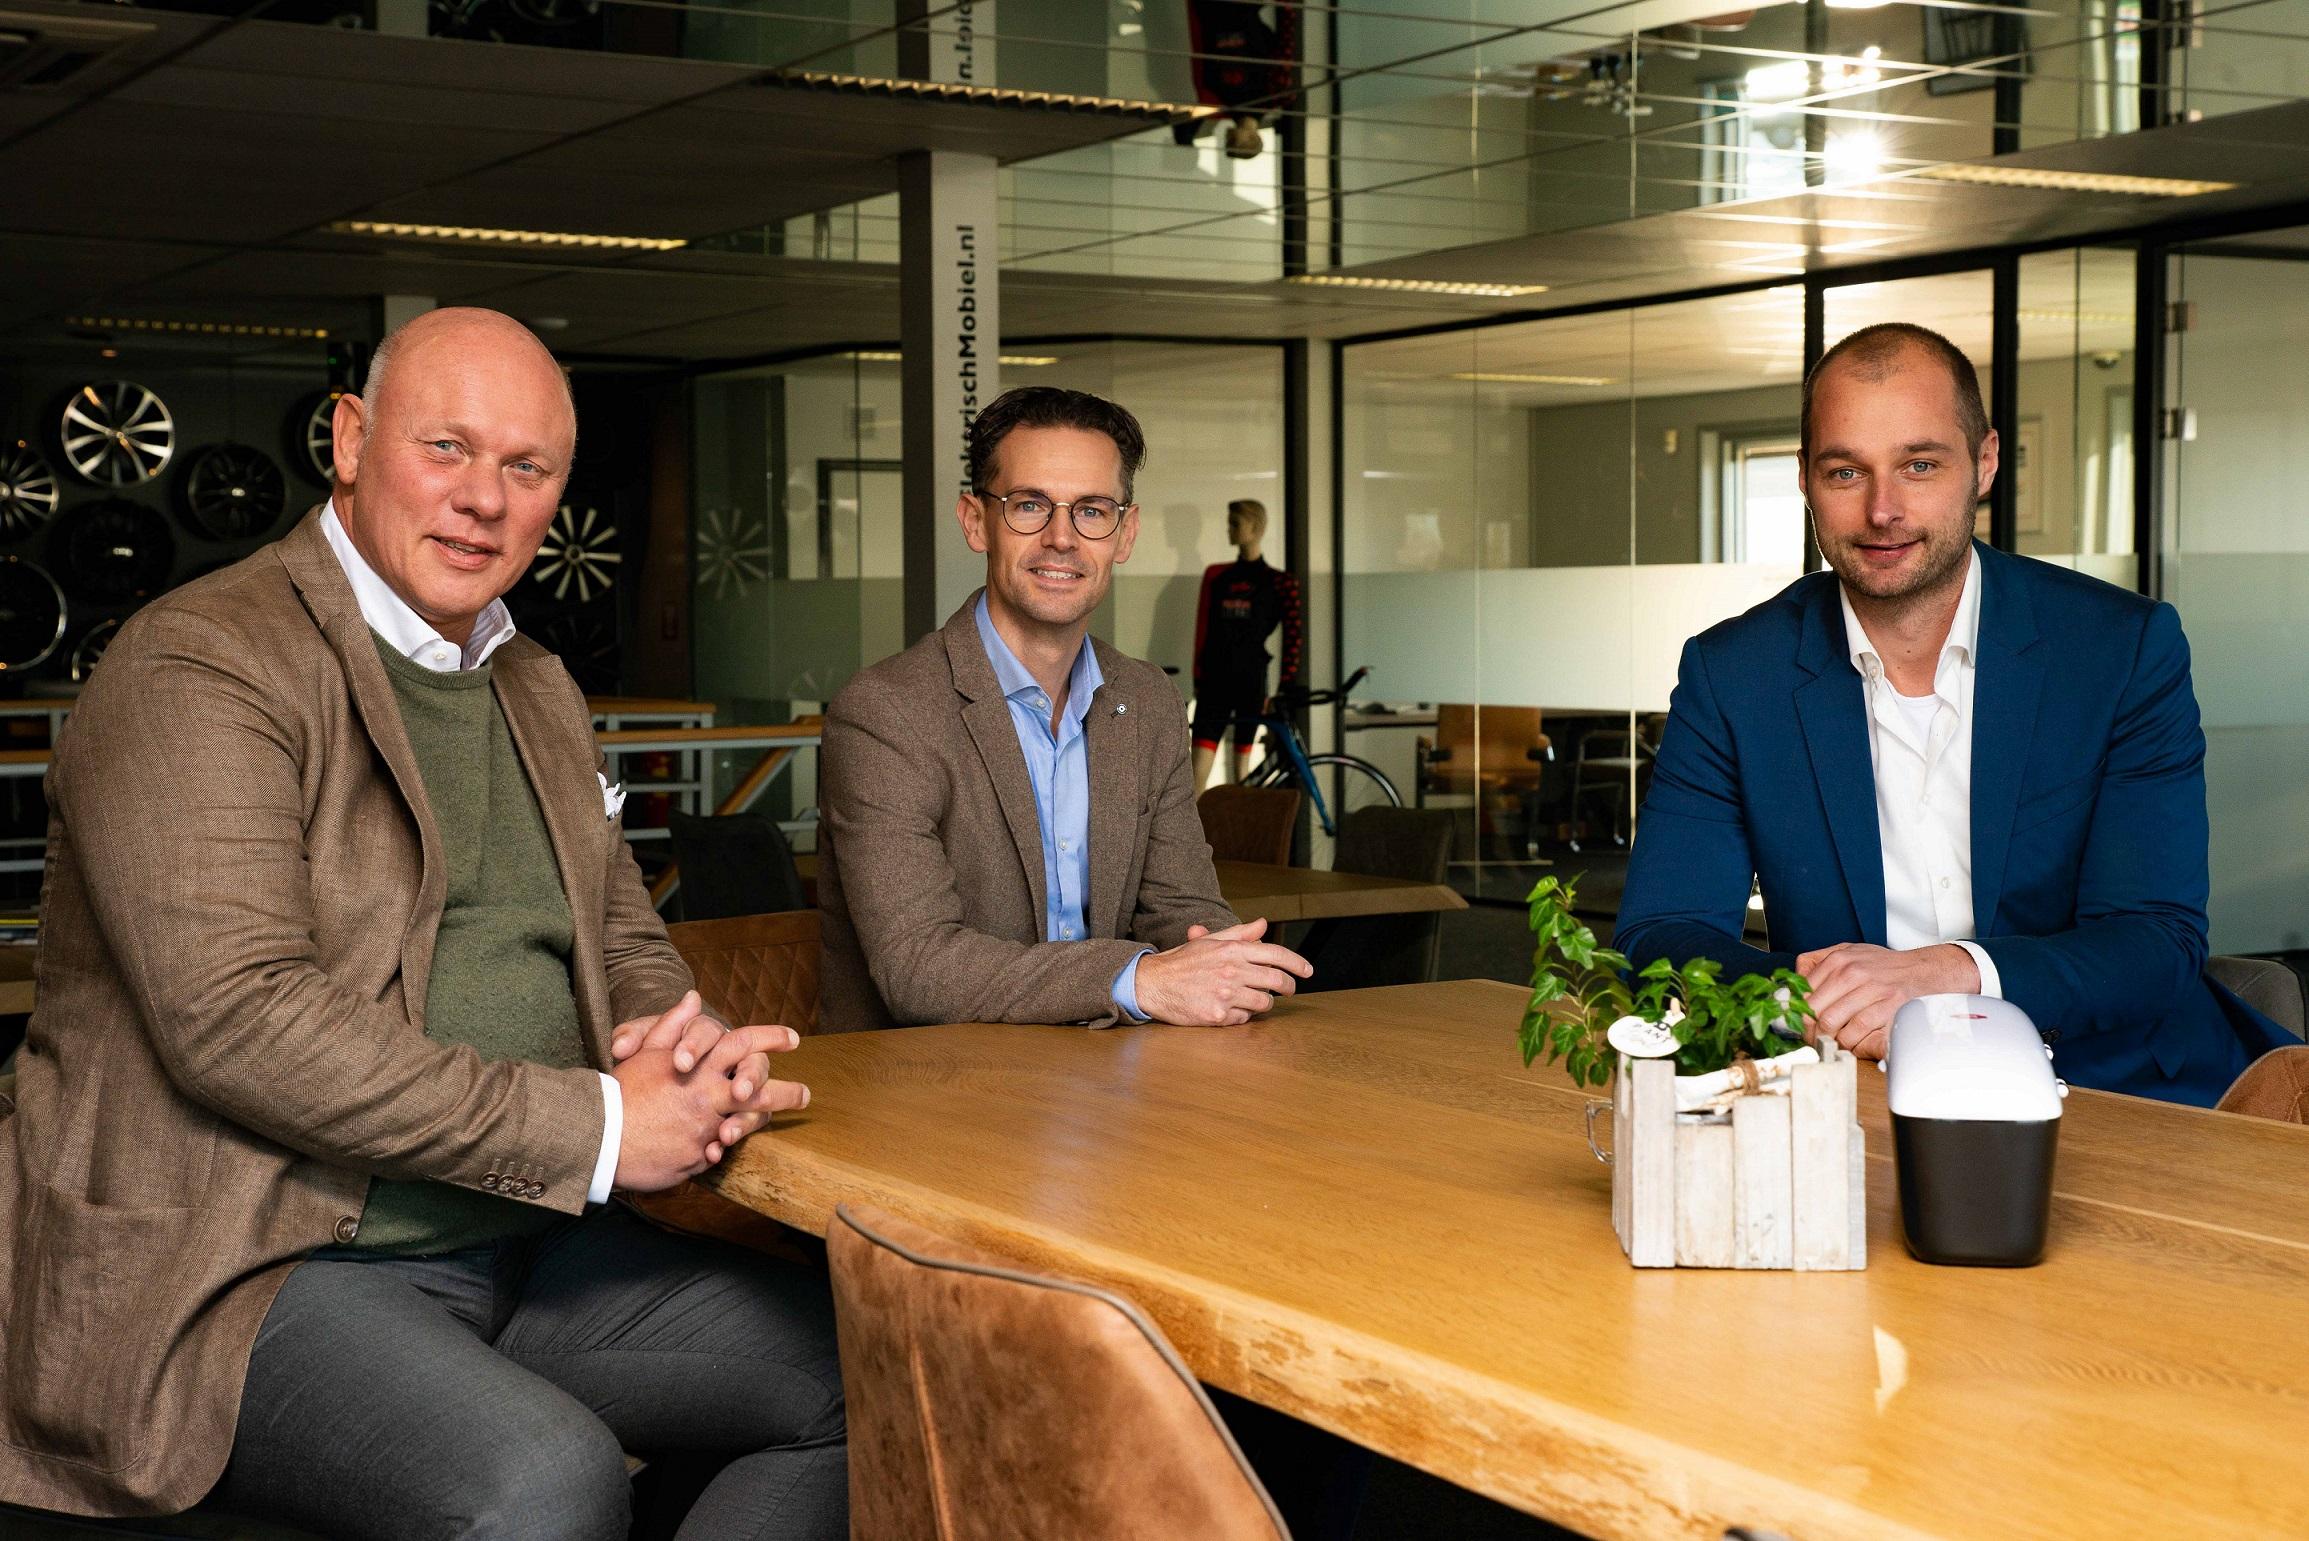 vlnr Sjef ten Berge, Sjoerd van der Leeden en Daniël van Dormael.